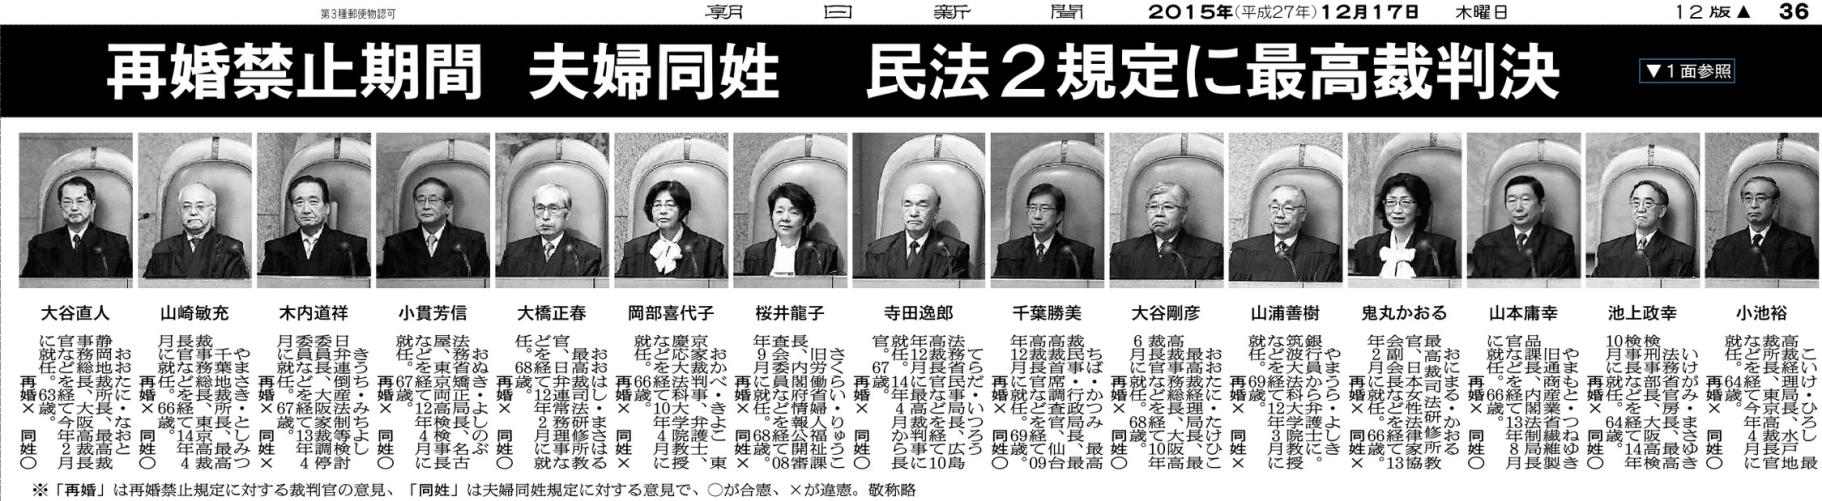 20170123日本最高裁判事15名